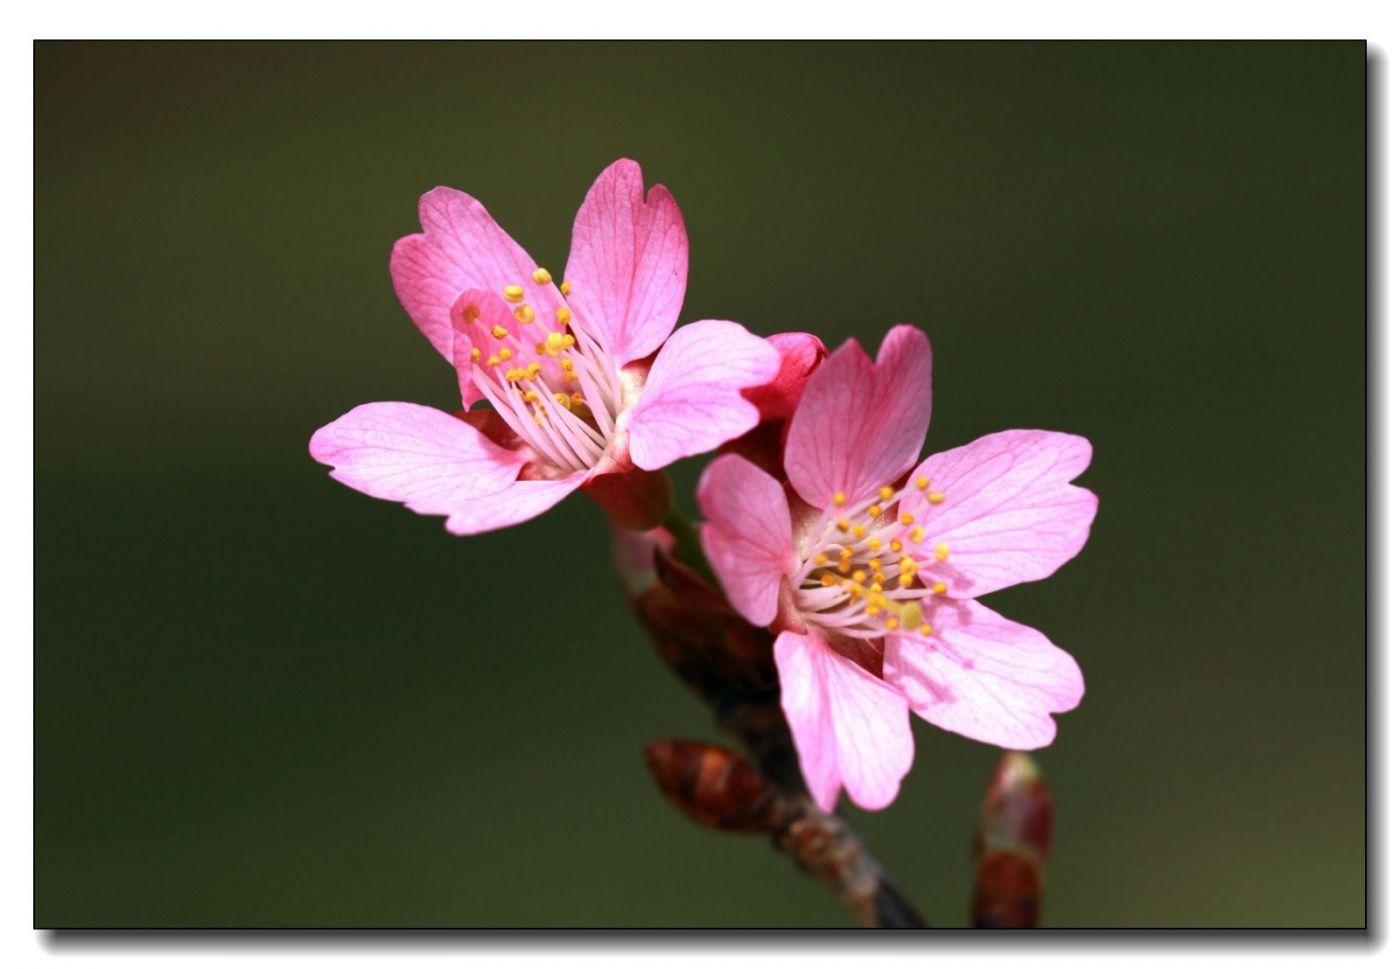 纽约早樱花已开满枝头_图1-5